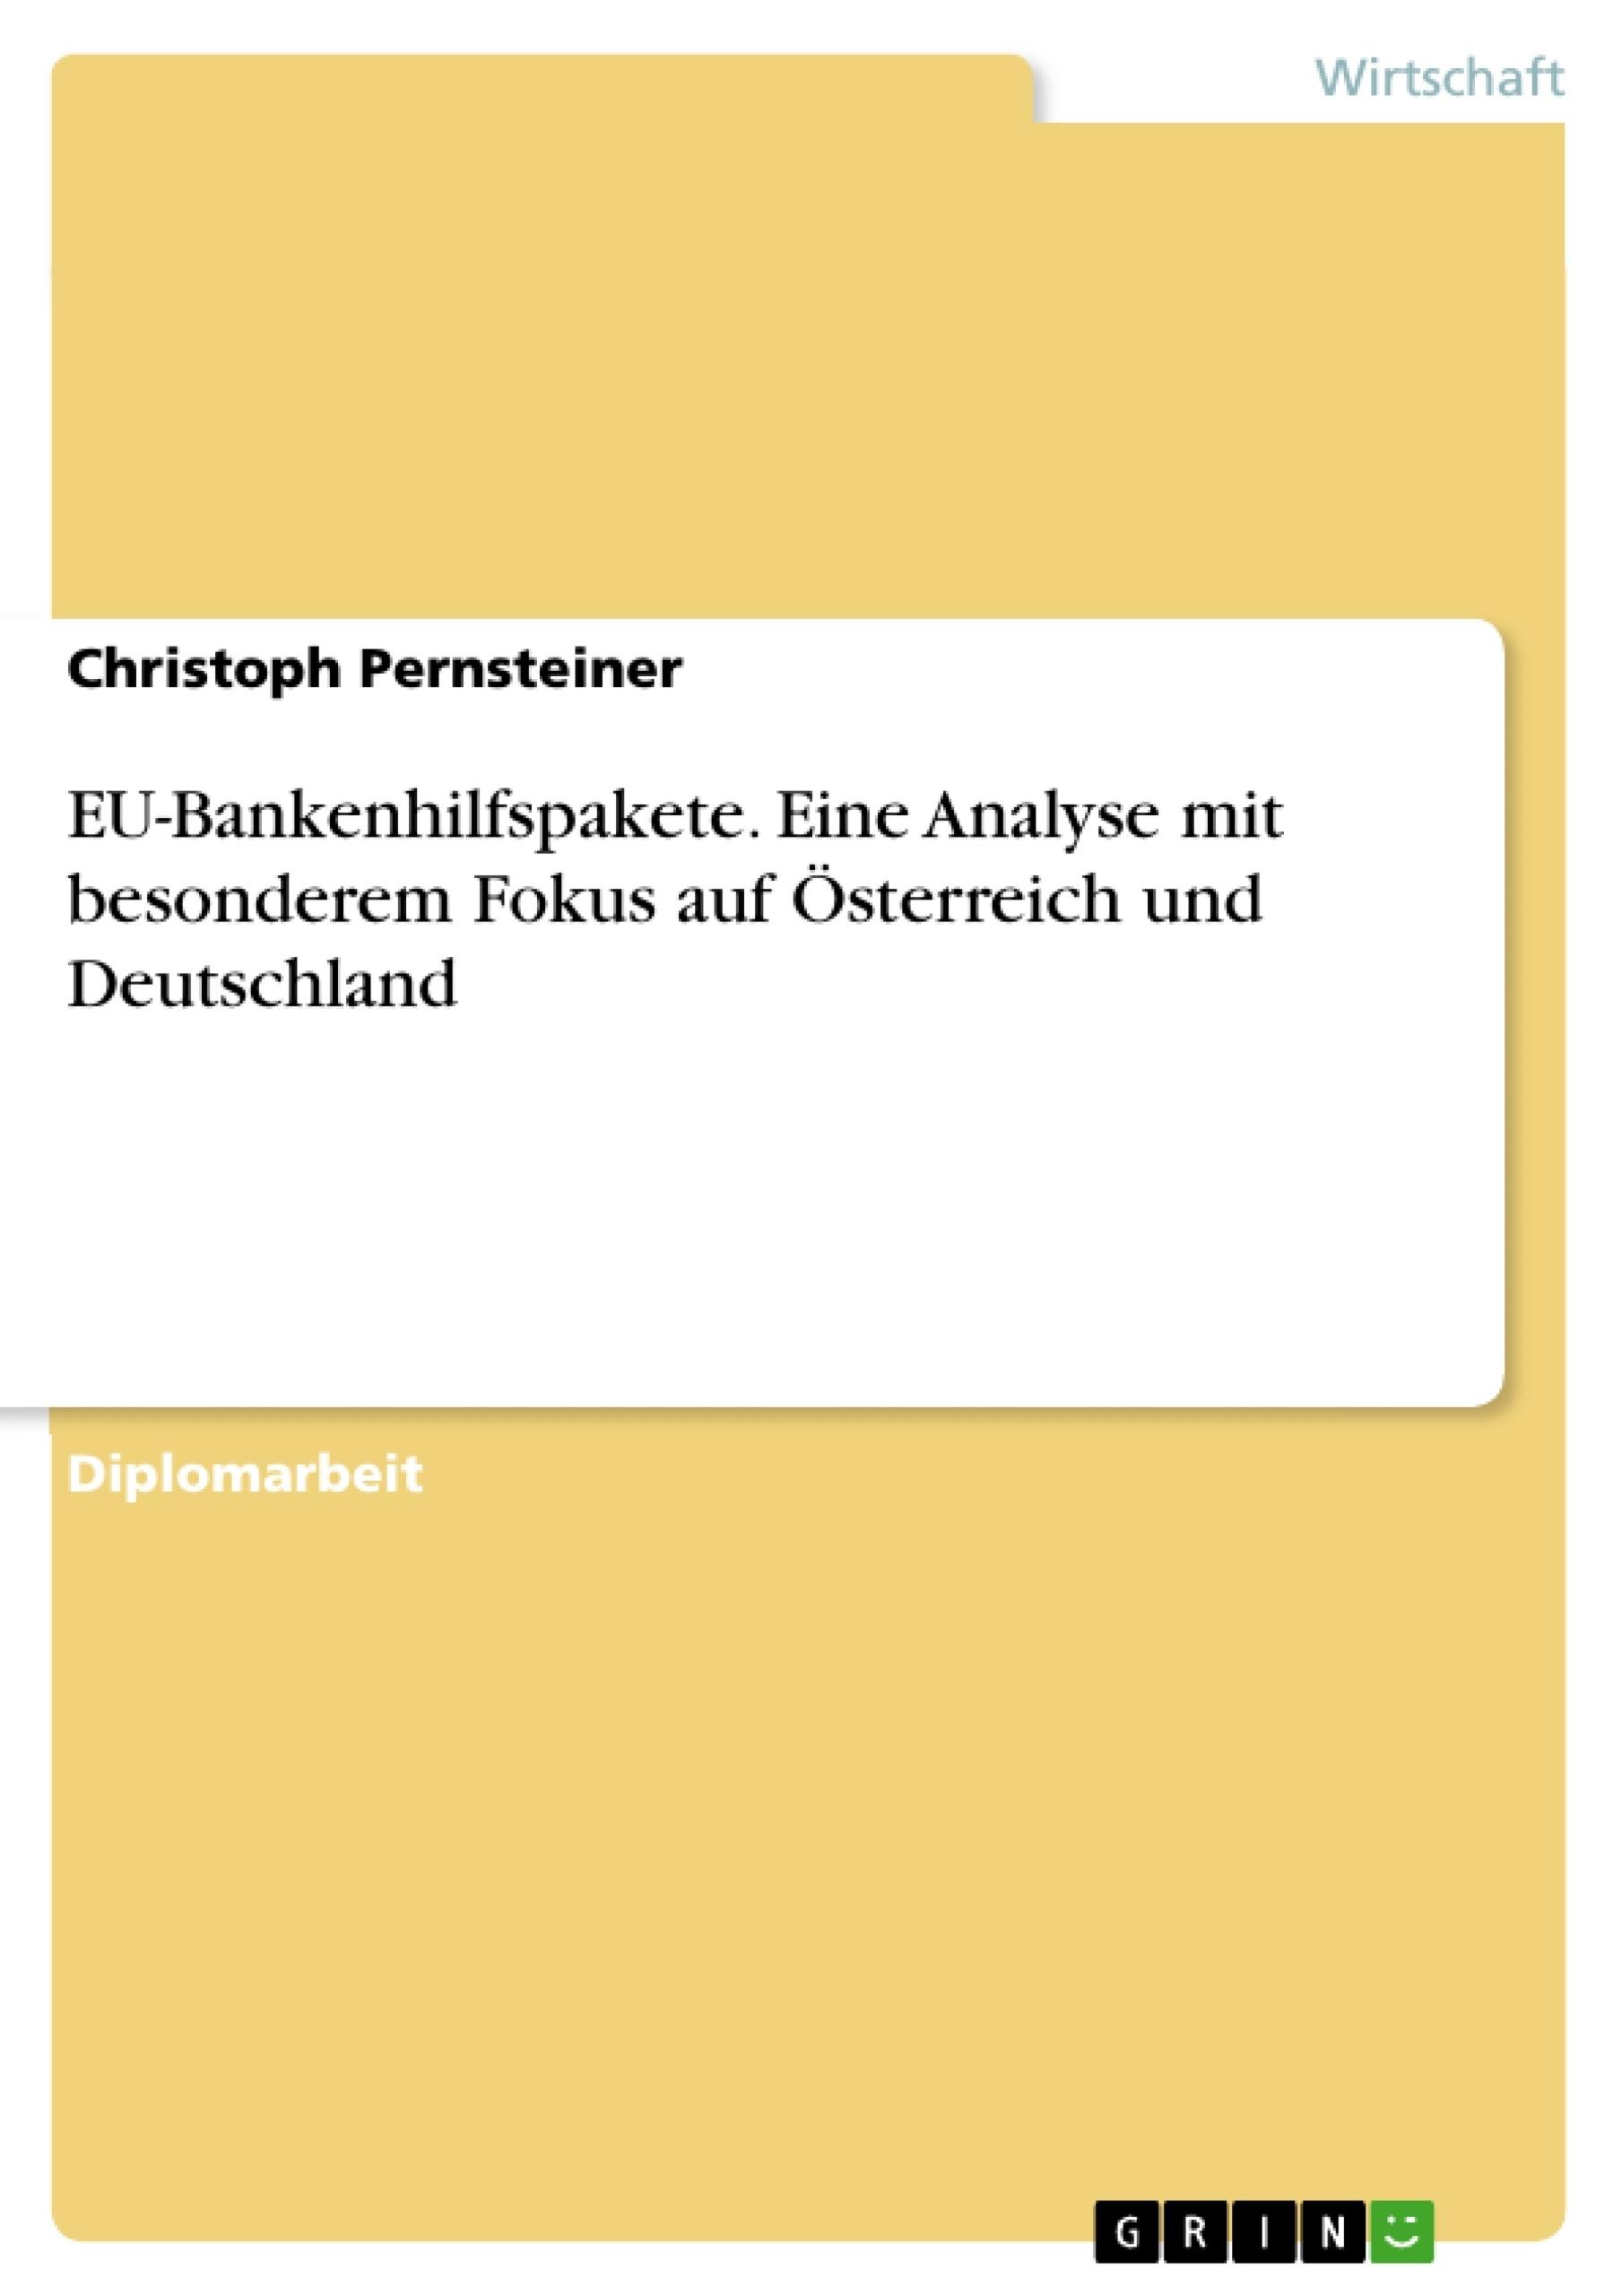 Titel: EU-Bankenhilfspakete. Eine Analyse mit besonderem Fokus auf Österreich und Deutschland